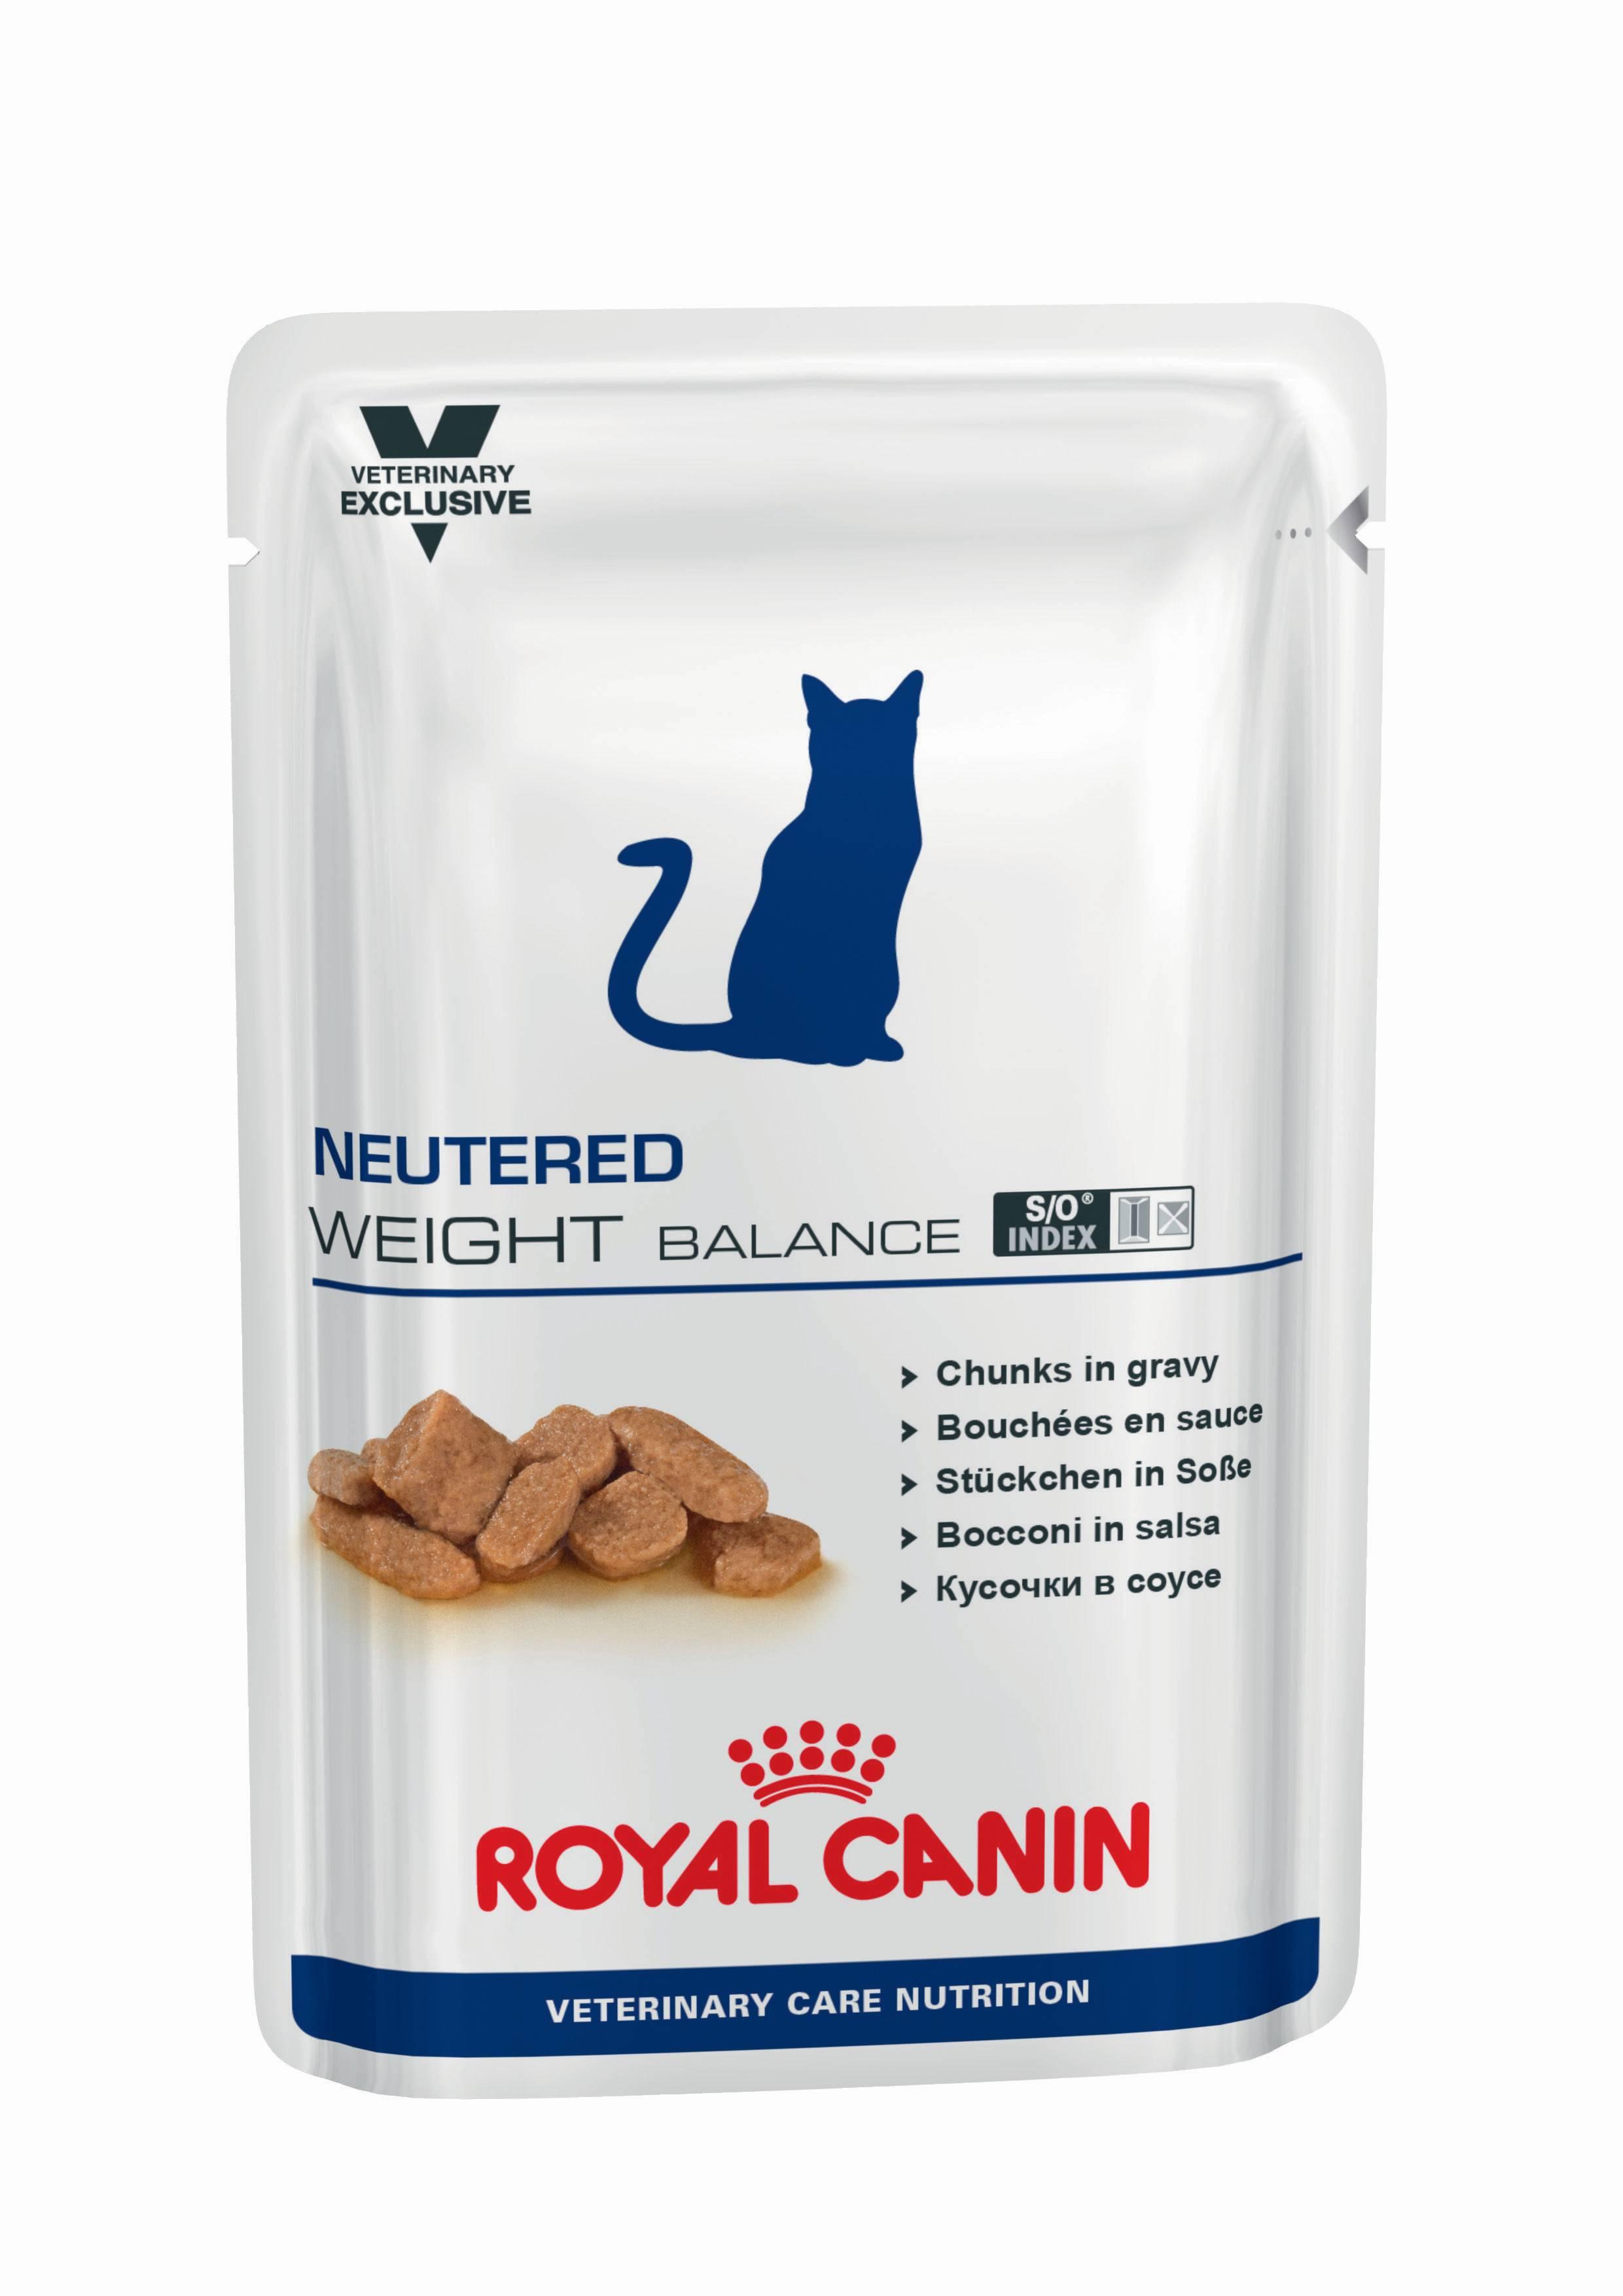 ROYAL CANIN NEUTERED WEIGHT BALANCE – лечебный влажный корм для стерилизованных котов с момента операции до 7 лет, склонных к избыточному весу